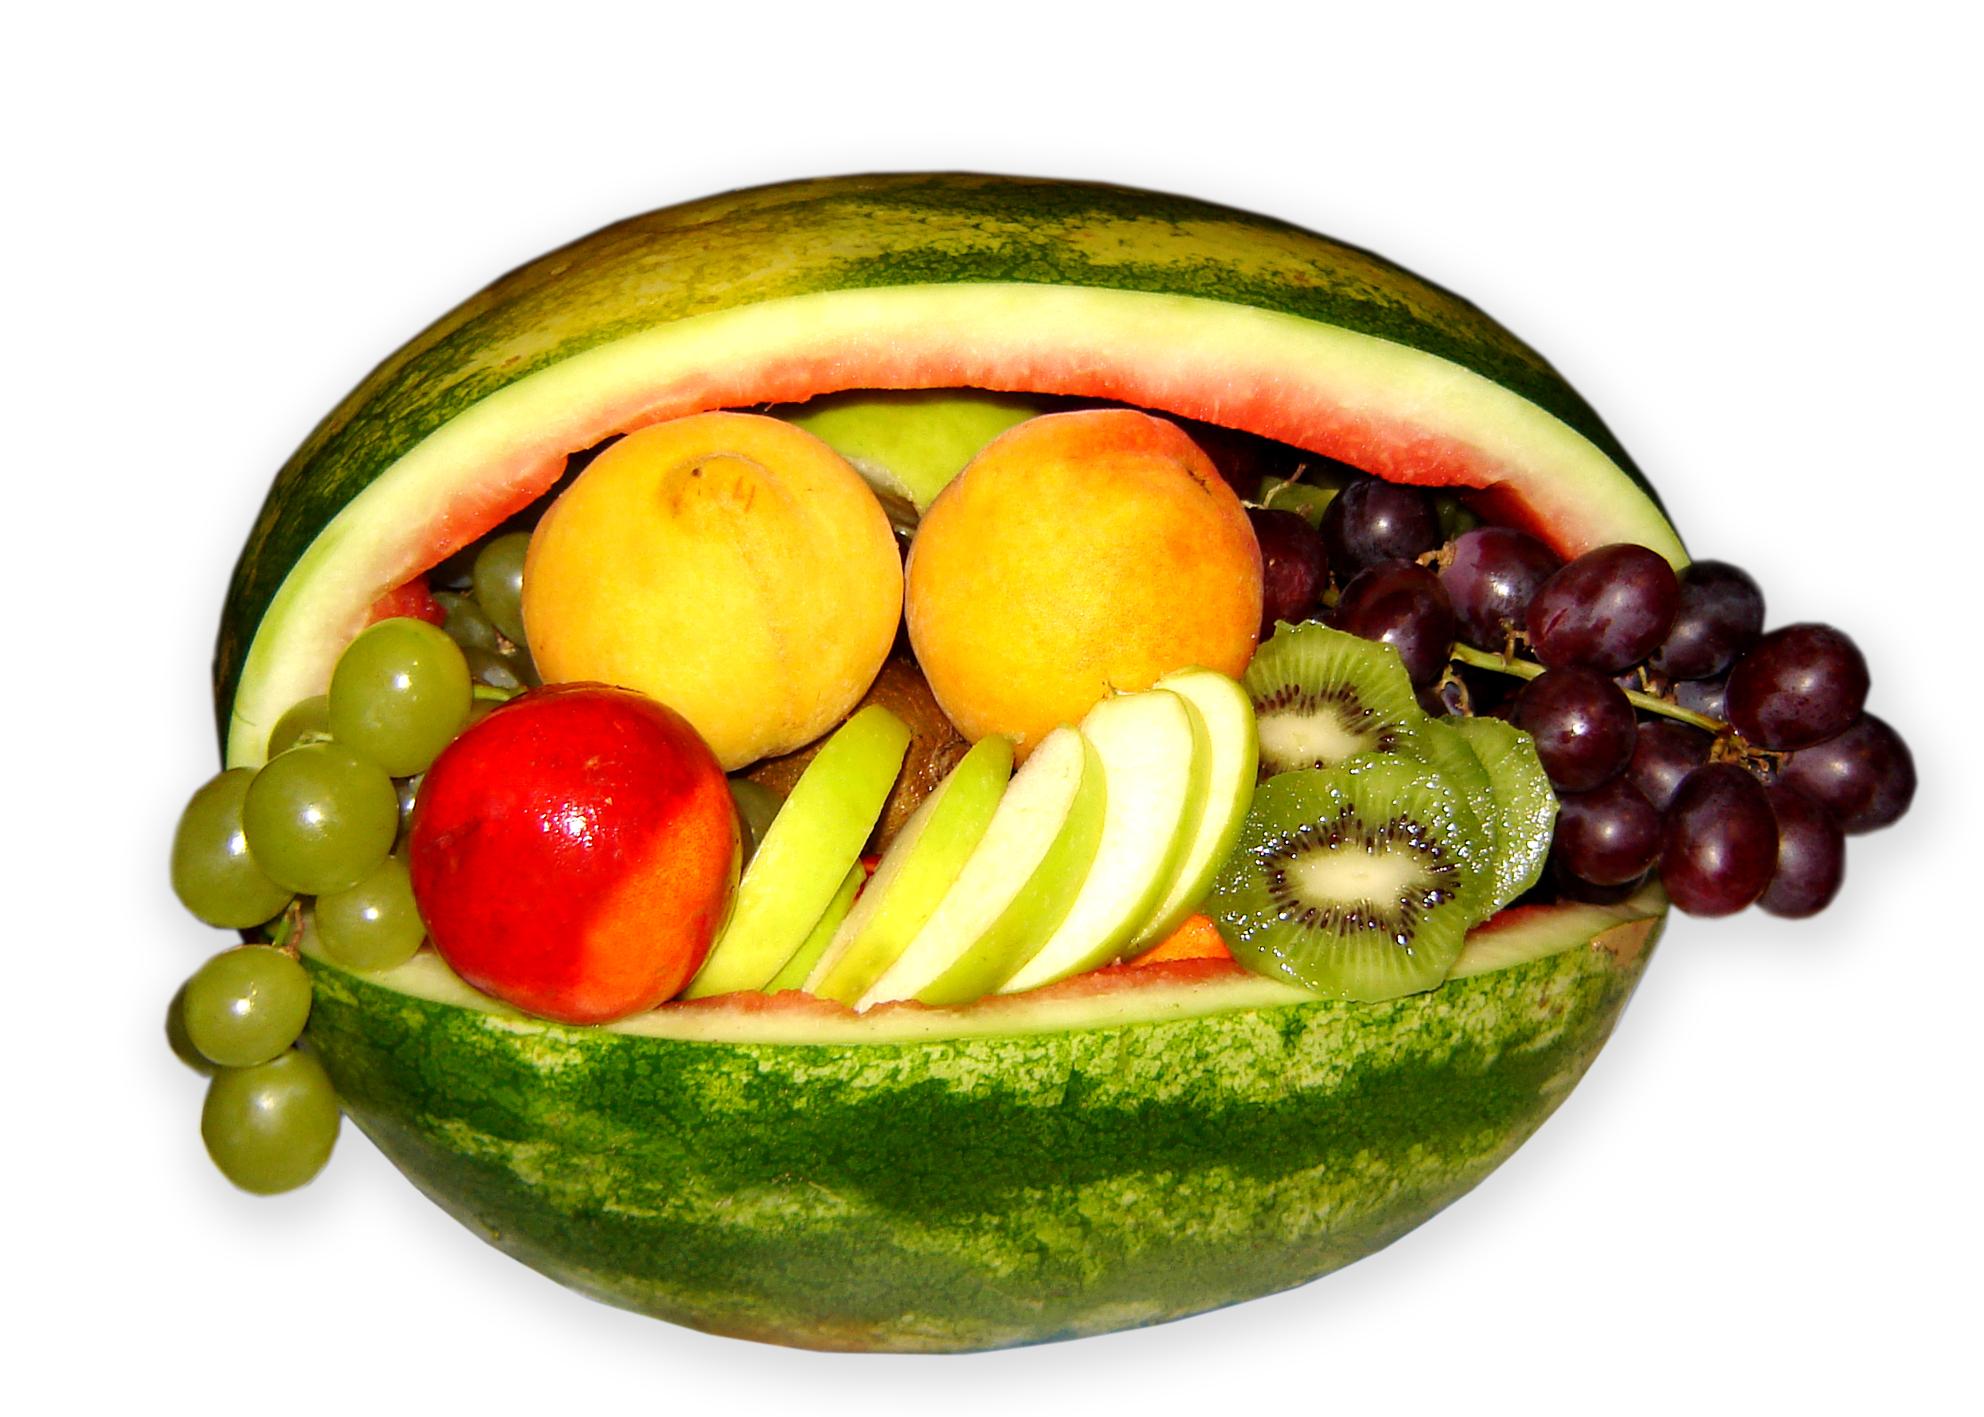 Wie du dich auf eine Ernährungsumstellung vorbereiten kannst